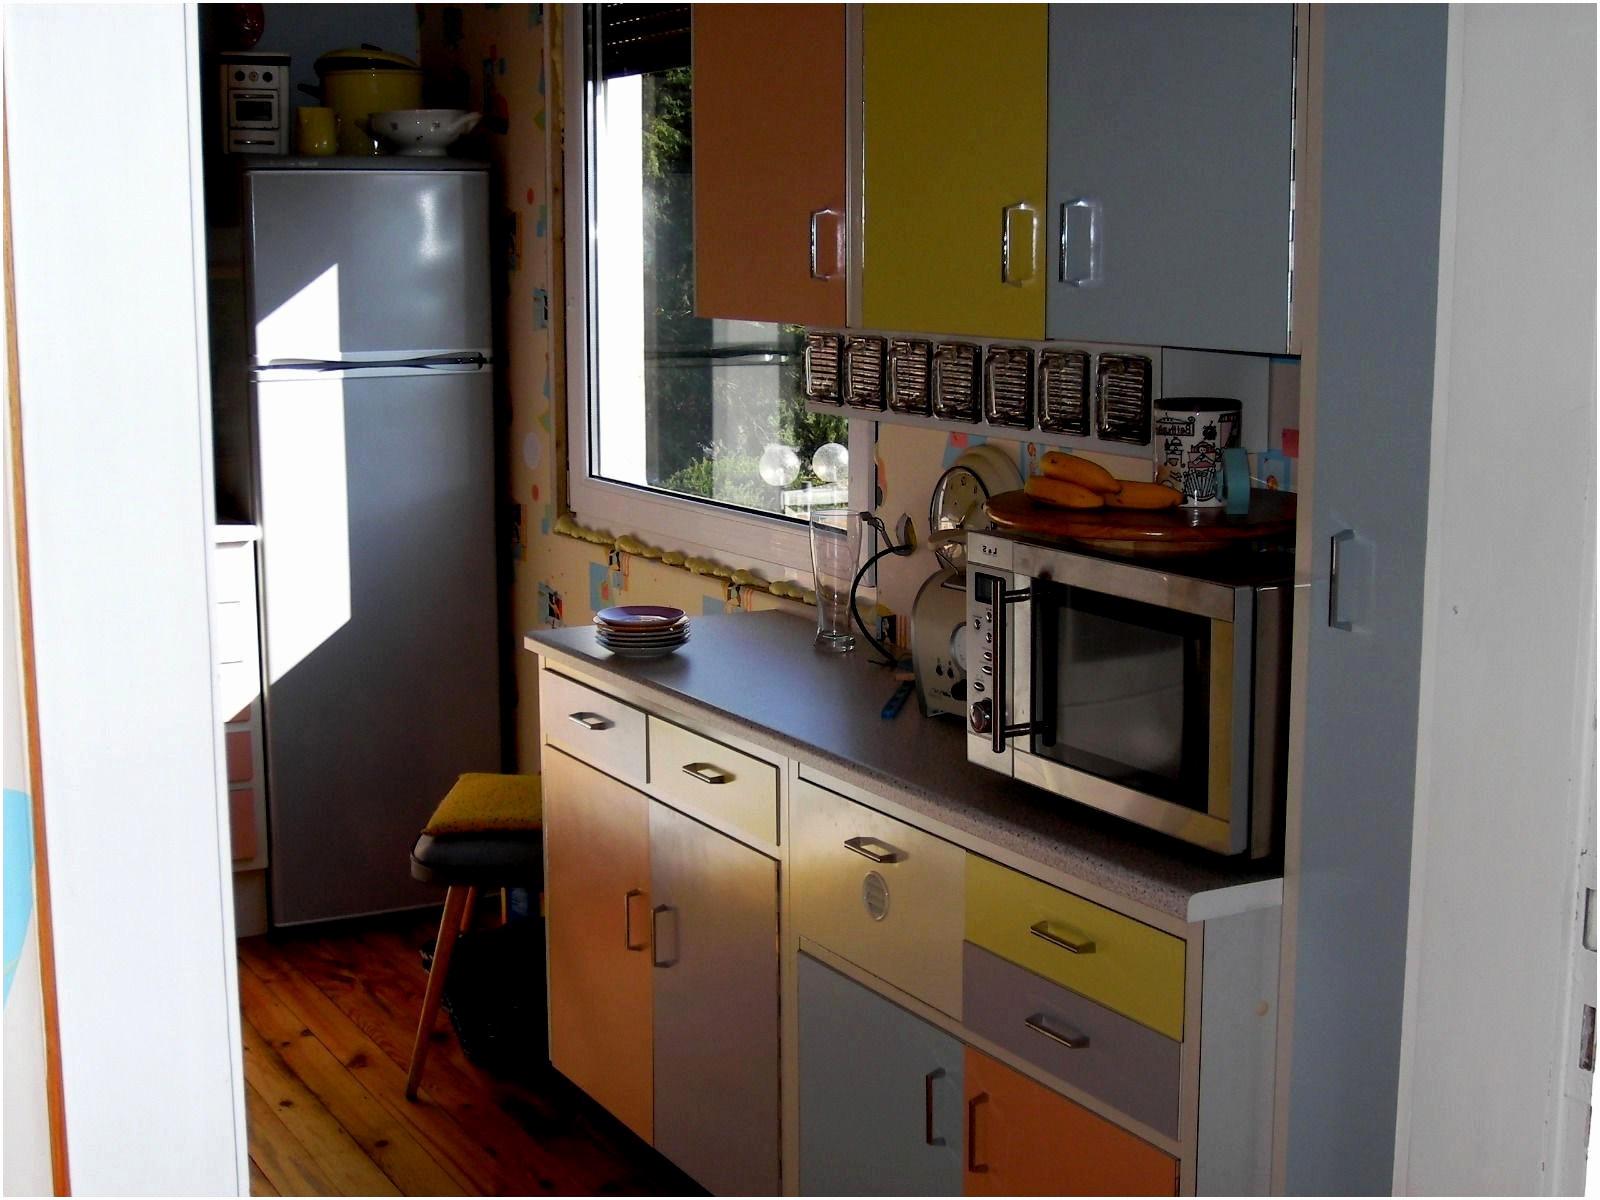 Full Size of Küche Griffe Ikea Kche Montieren Lisabo Odger Tisch Und 4 Sthle Hängeschränke Niederdruck Armatur Ebay Rolladenschrank Billig Kaufen Abfallbehälter Wohnzimmer Küche Griffe